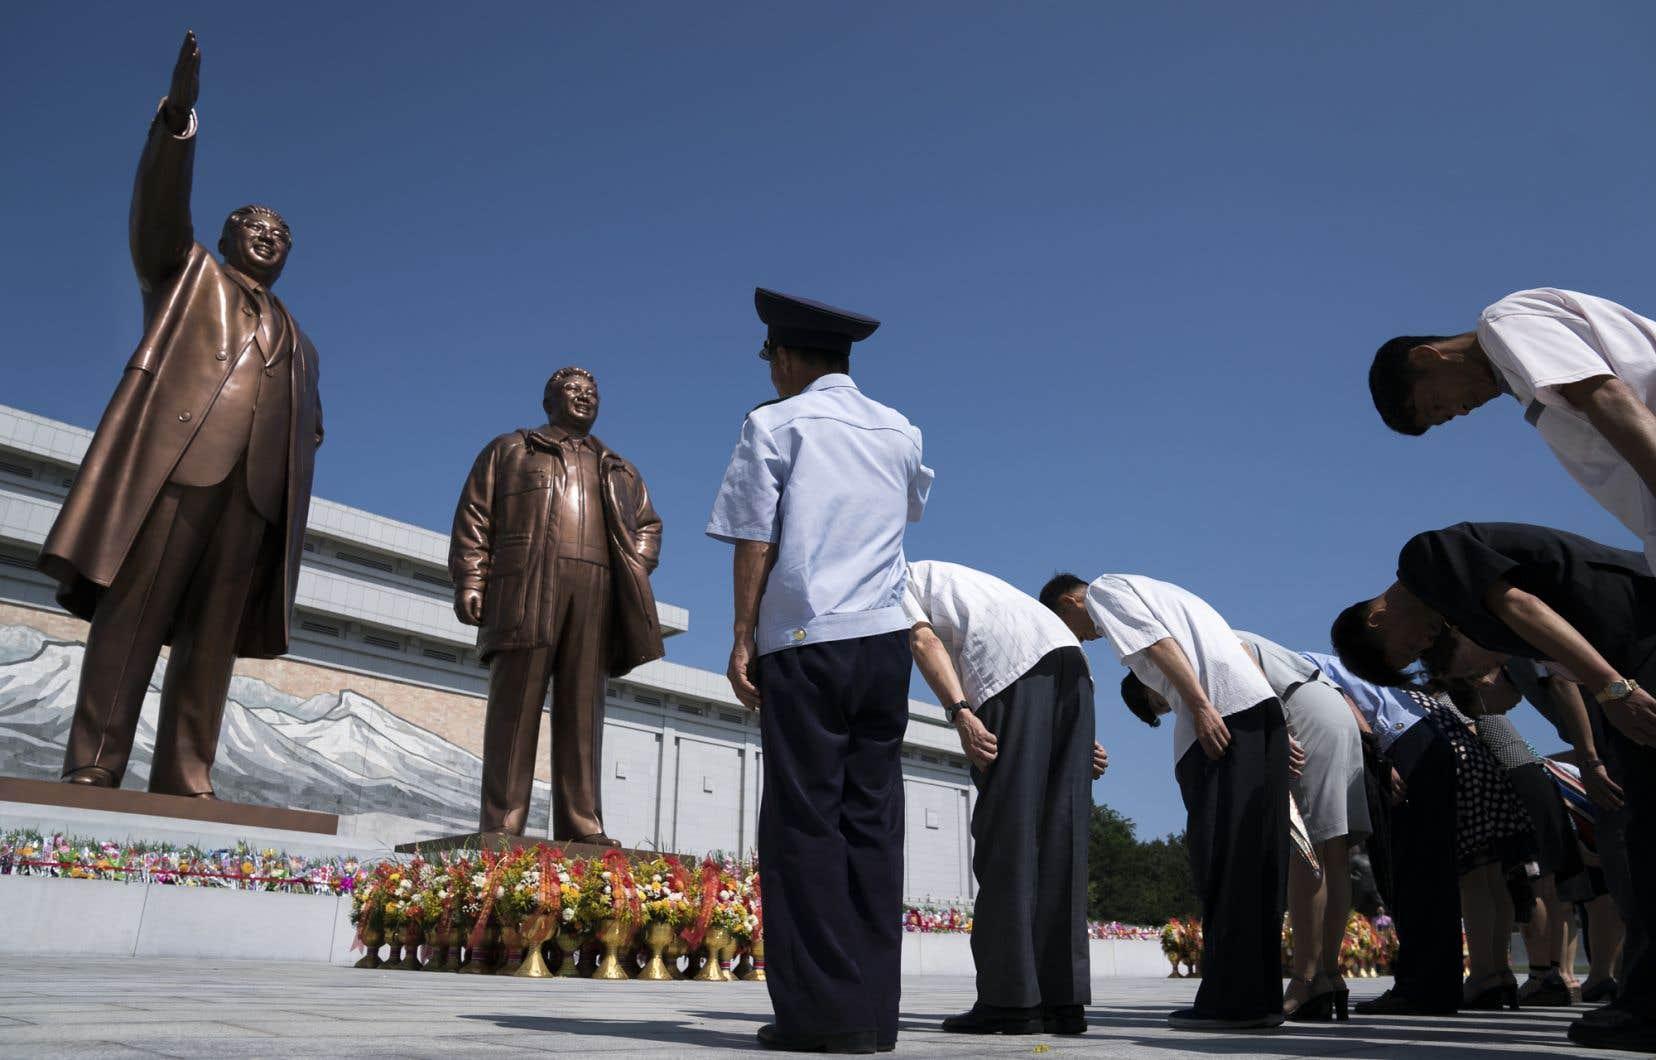 Des Nord-Coréens rendent hommage aux statues de bronze des défunts dirigeants Kim Il-sung (à gauche) et Kim Jong-il, à Pyongyang le 7 juillet 2018.